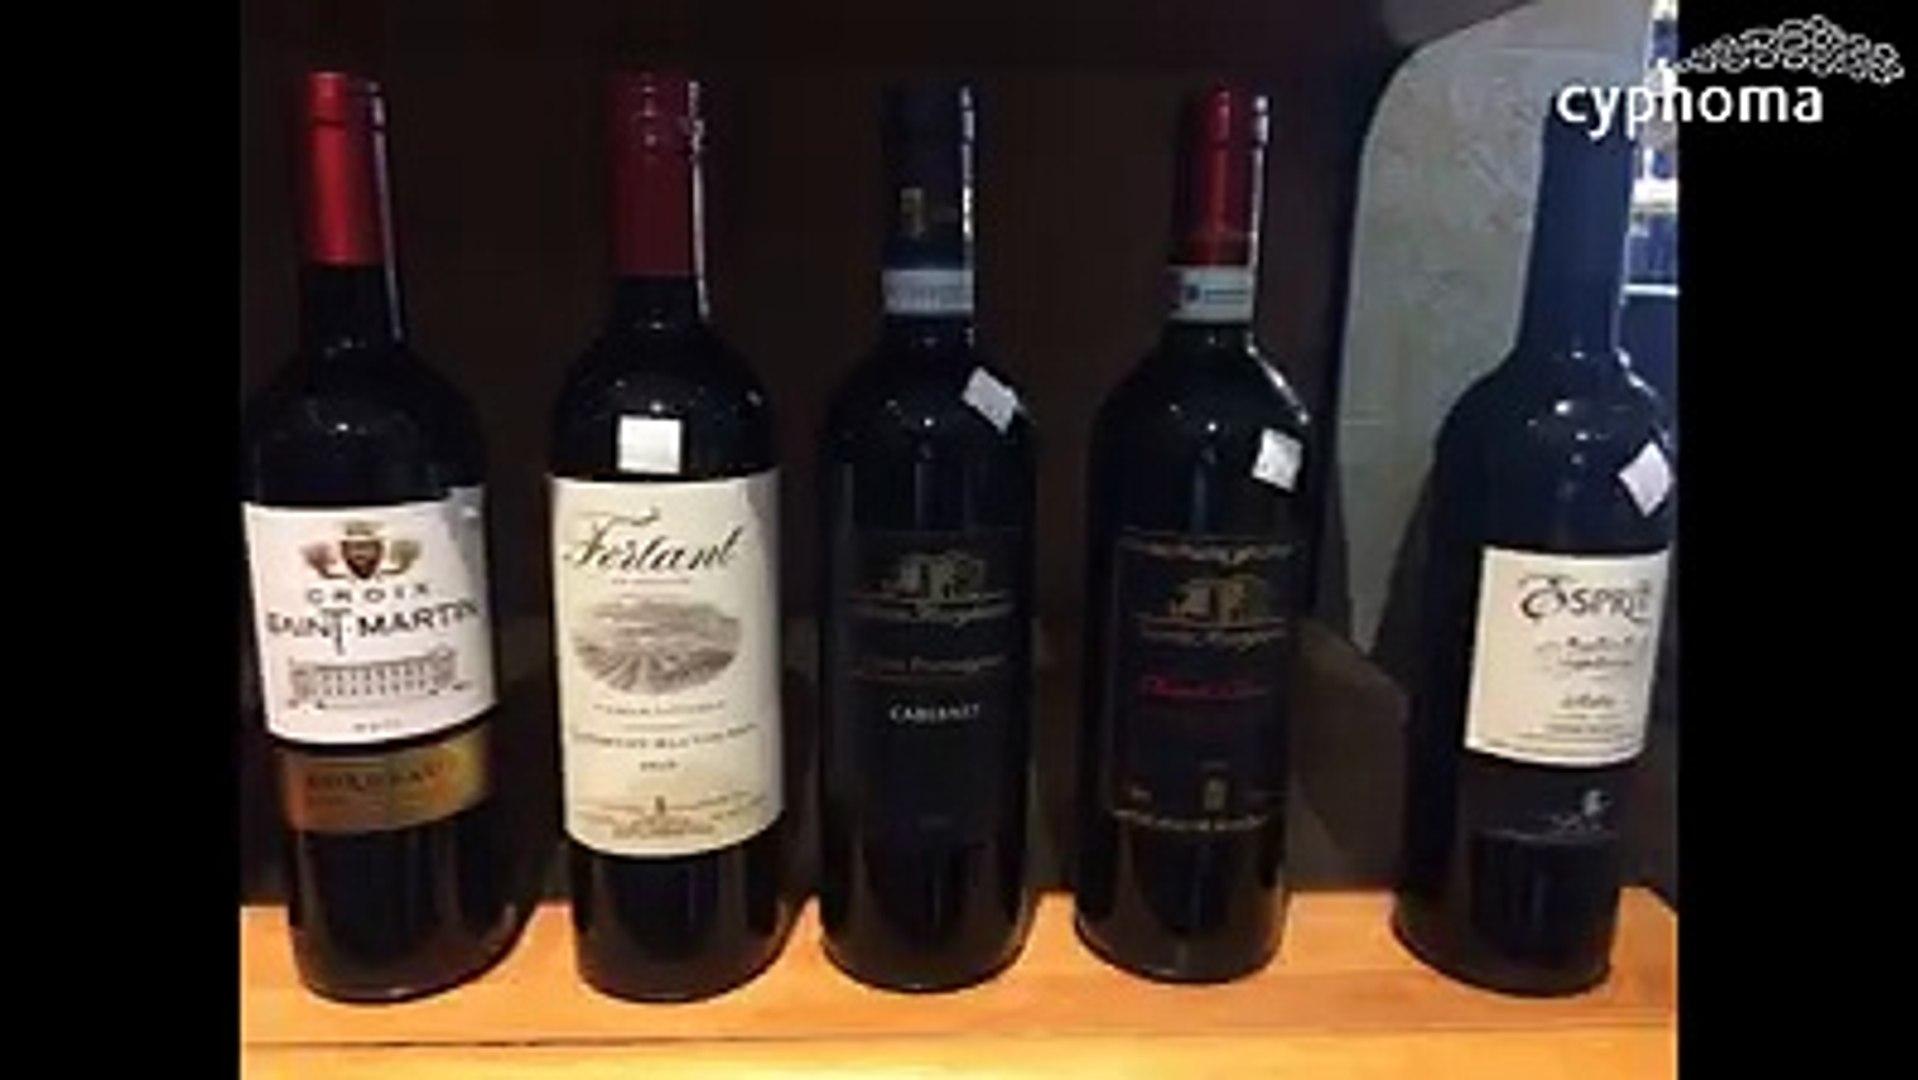 stock + de 350 bouteille sur de vinsLa SavanePrix, Infos et contact en cliquant sur >> cypho.m